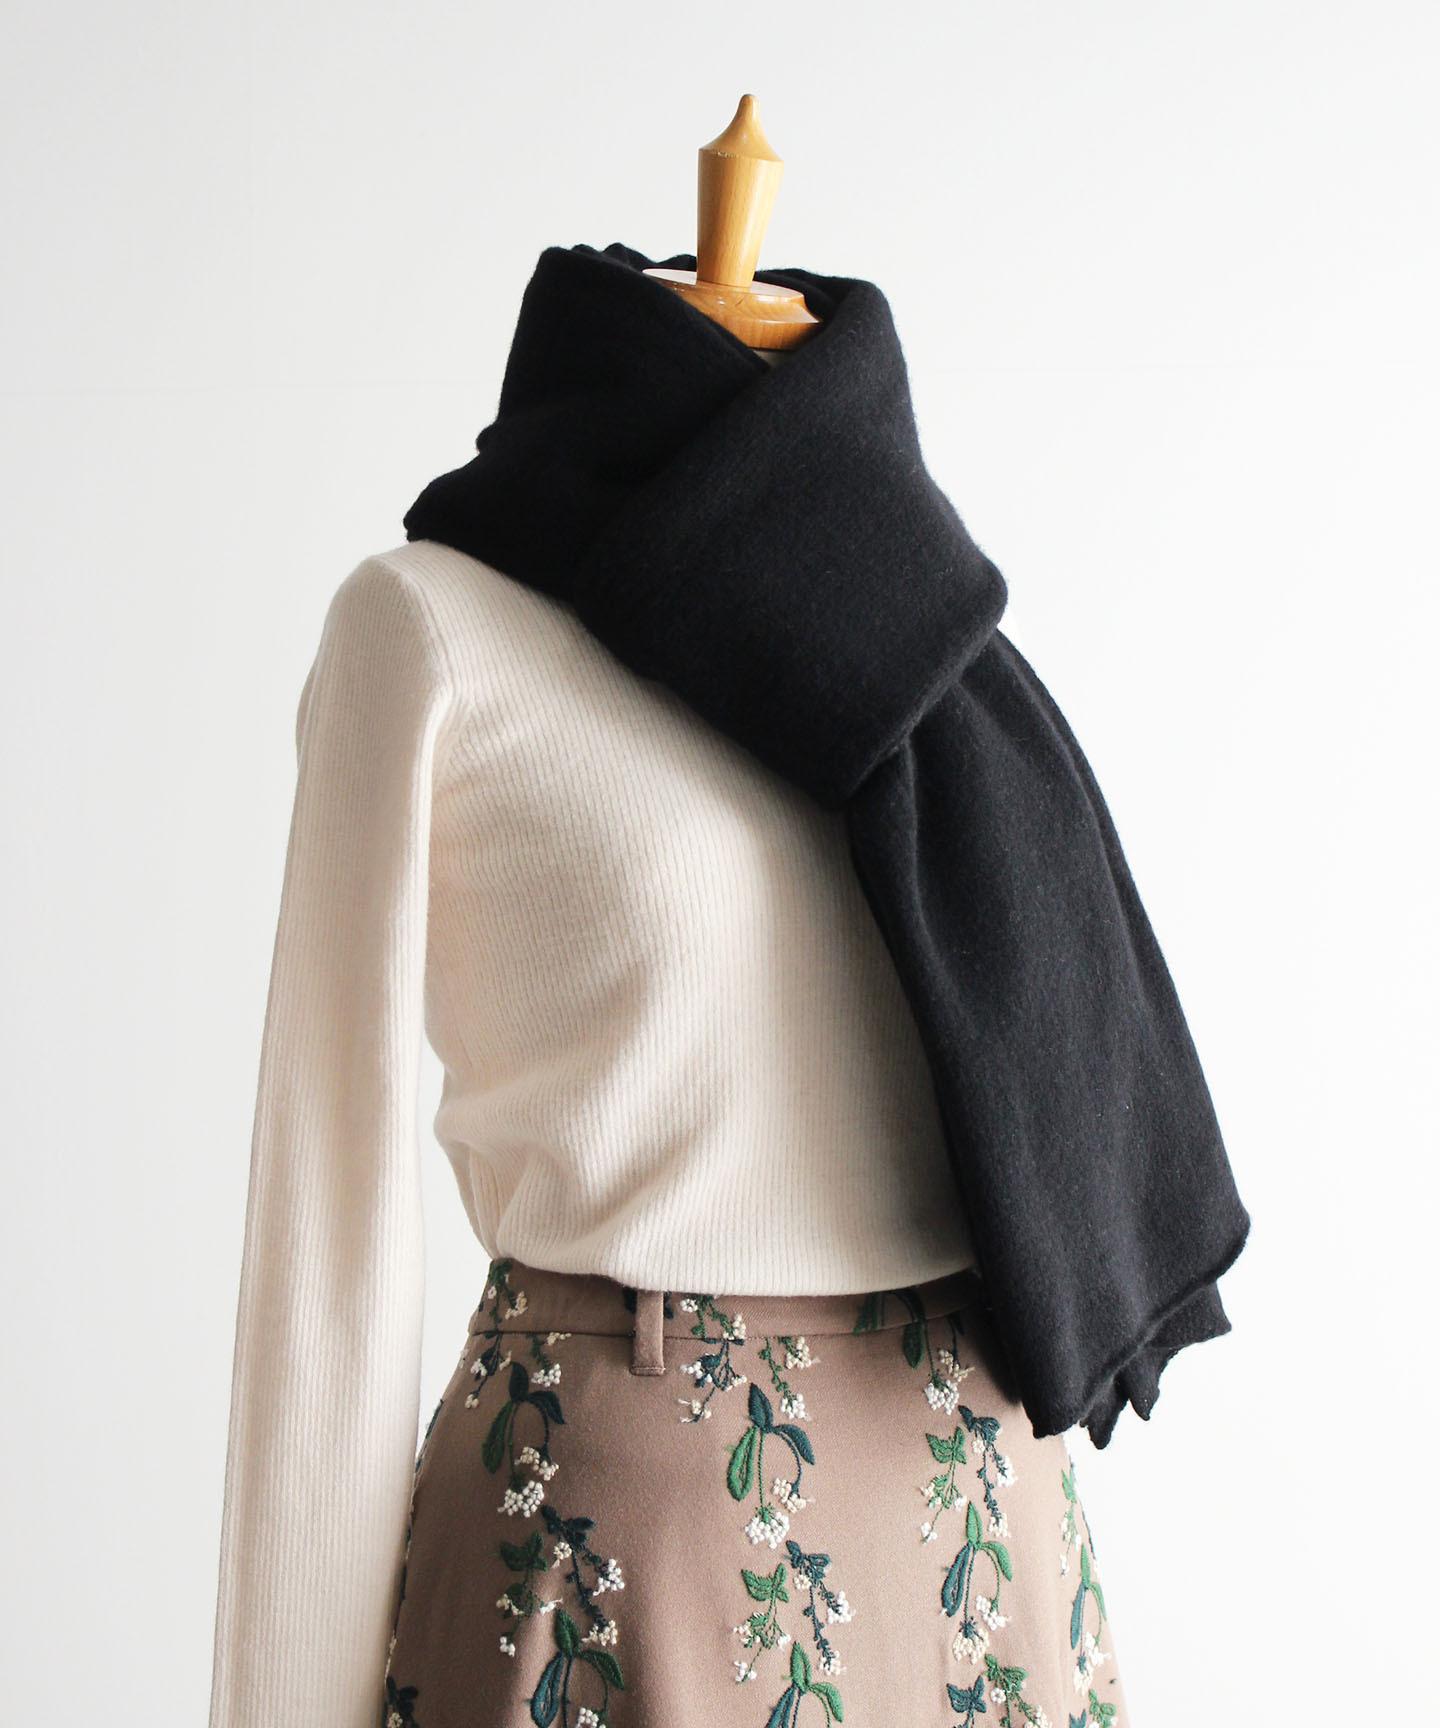 手編み機で編んだ メリノウールの大判ストール